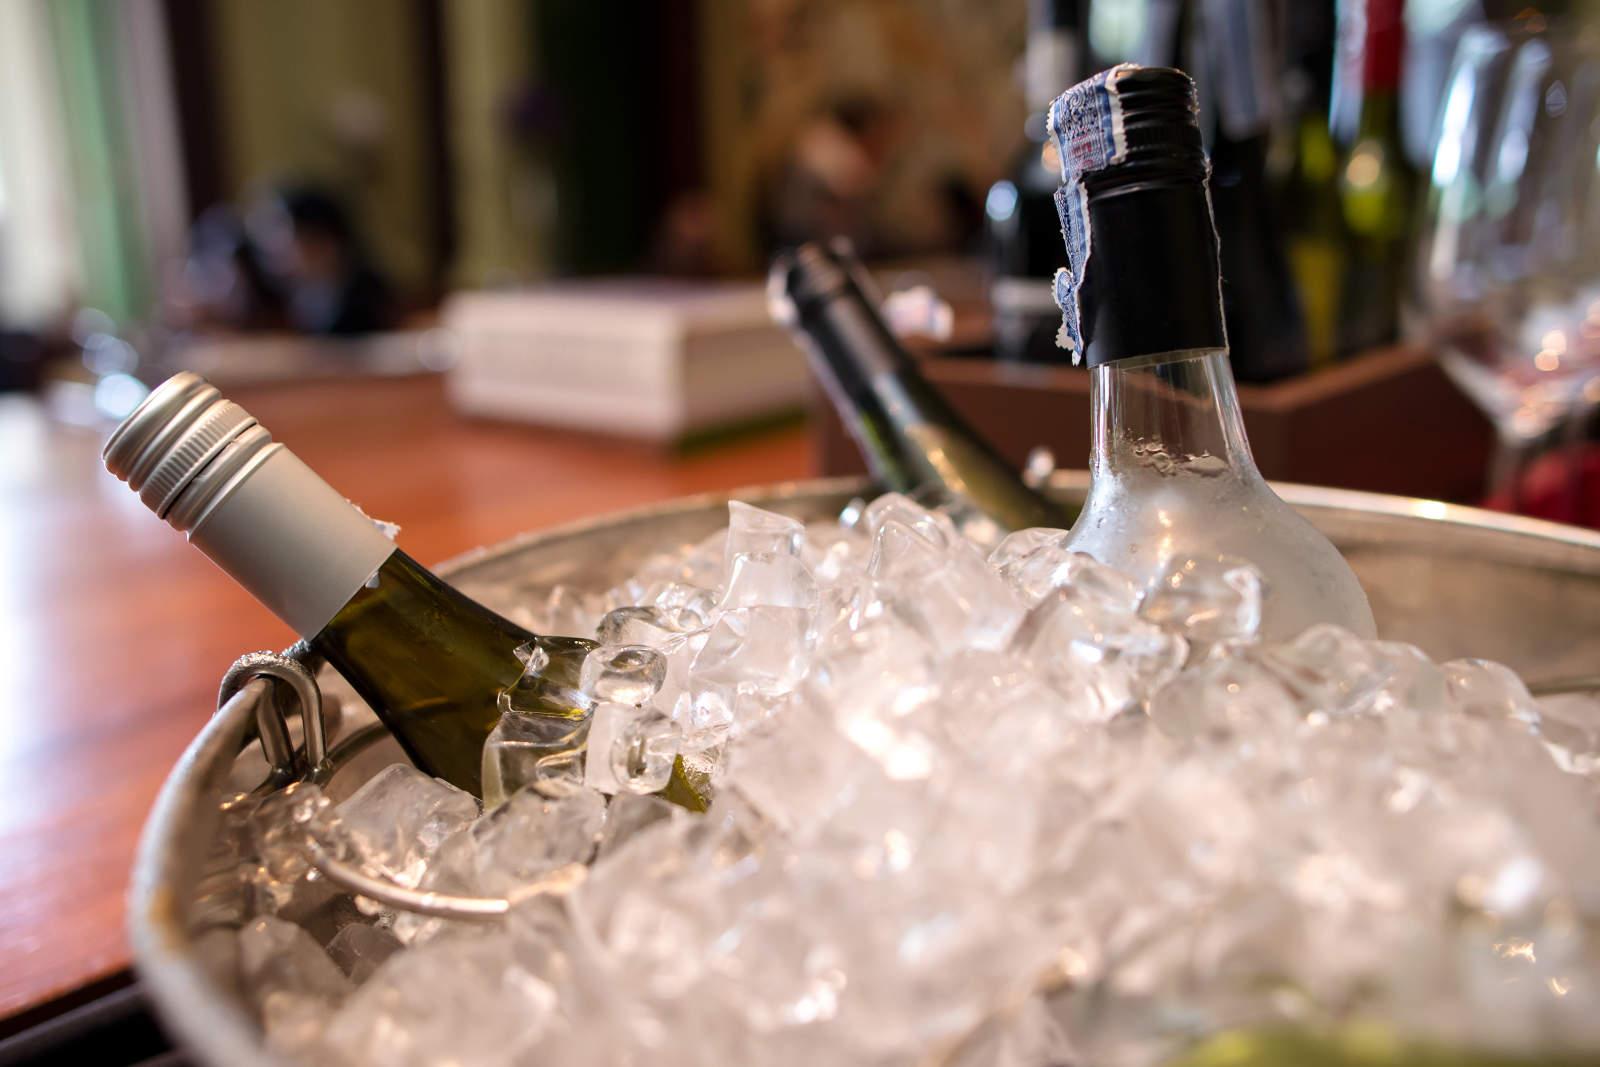 ¿A qué temperatura se sirve cada tipo de vino? Botellas enfriándose en una cubitera.